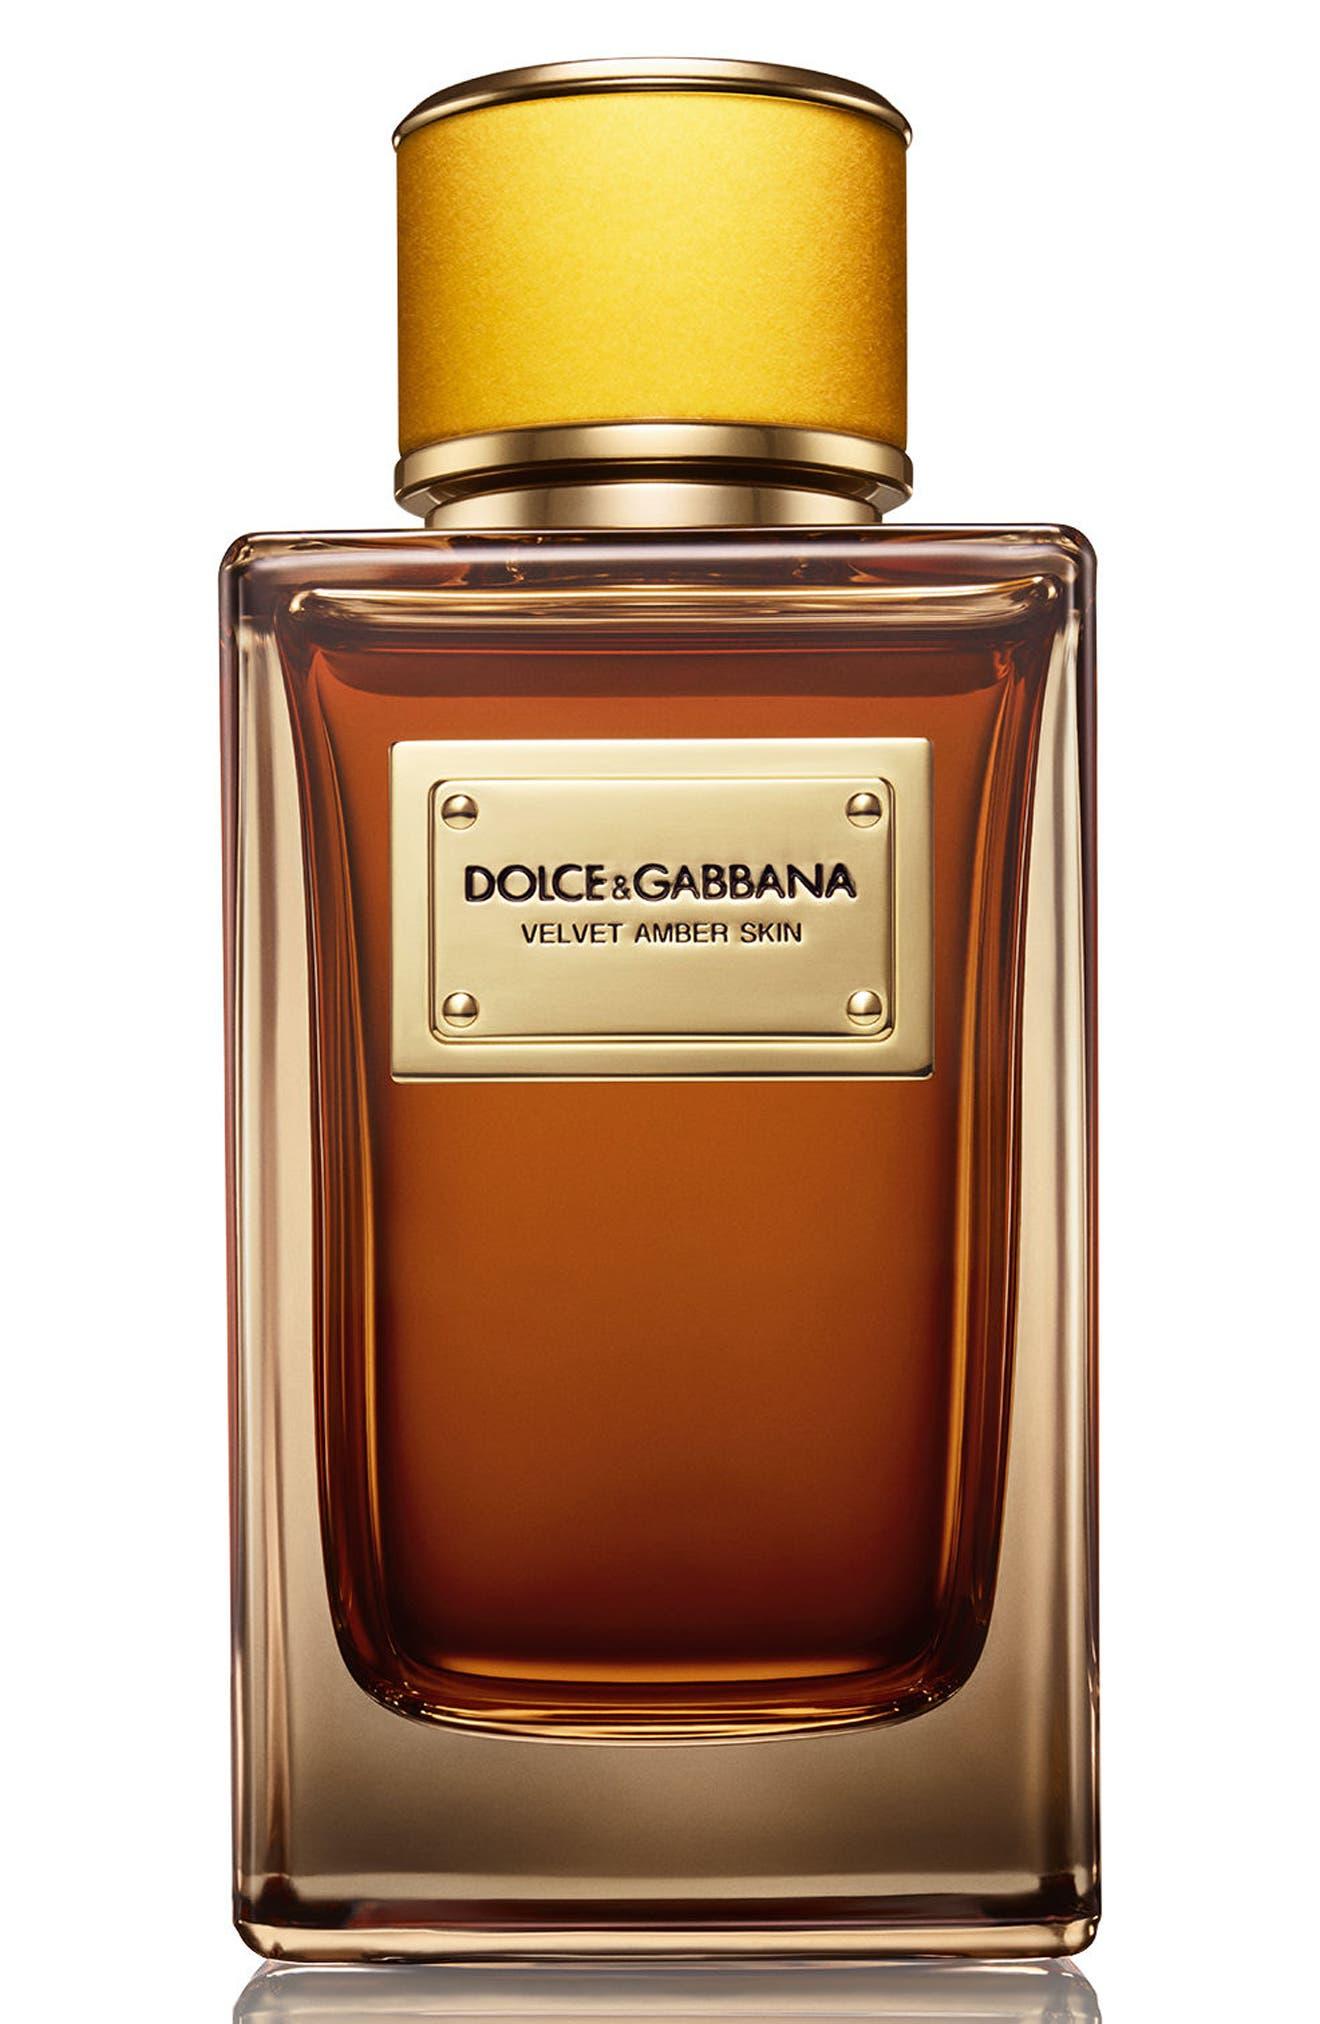 Dolce&Gabbana Velvet Amber Skin Eau de Parfum,                             Main thumbnail 1, color,                             NO COLOR